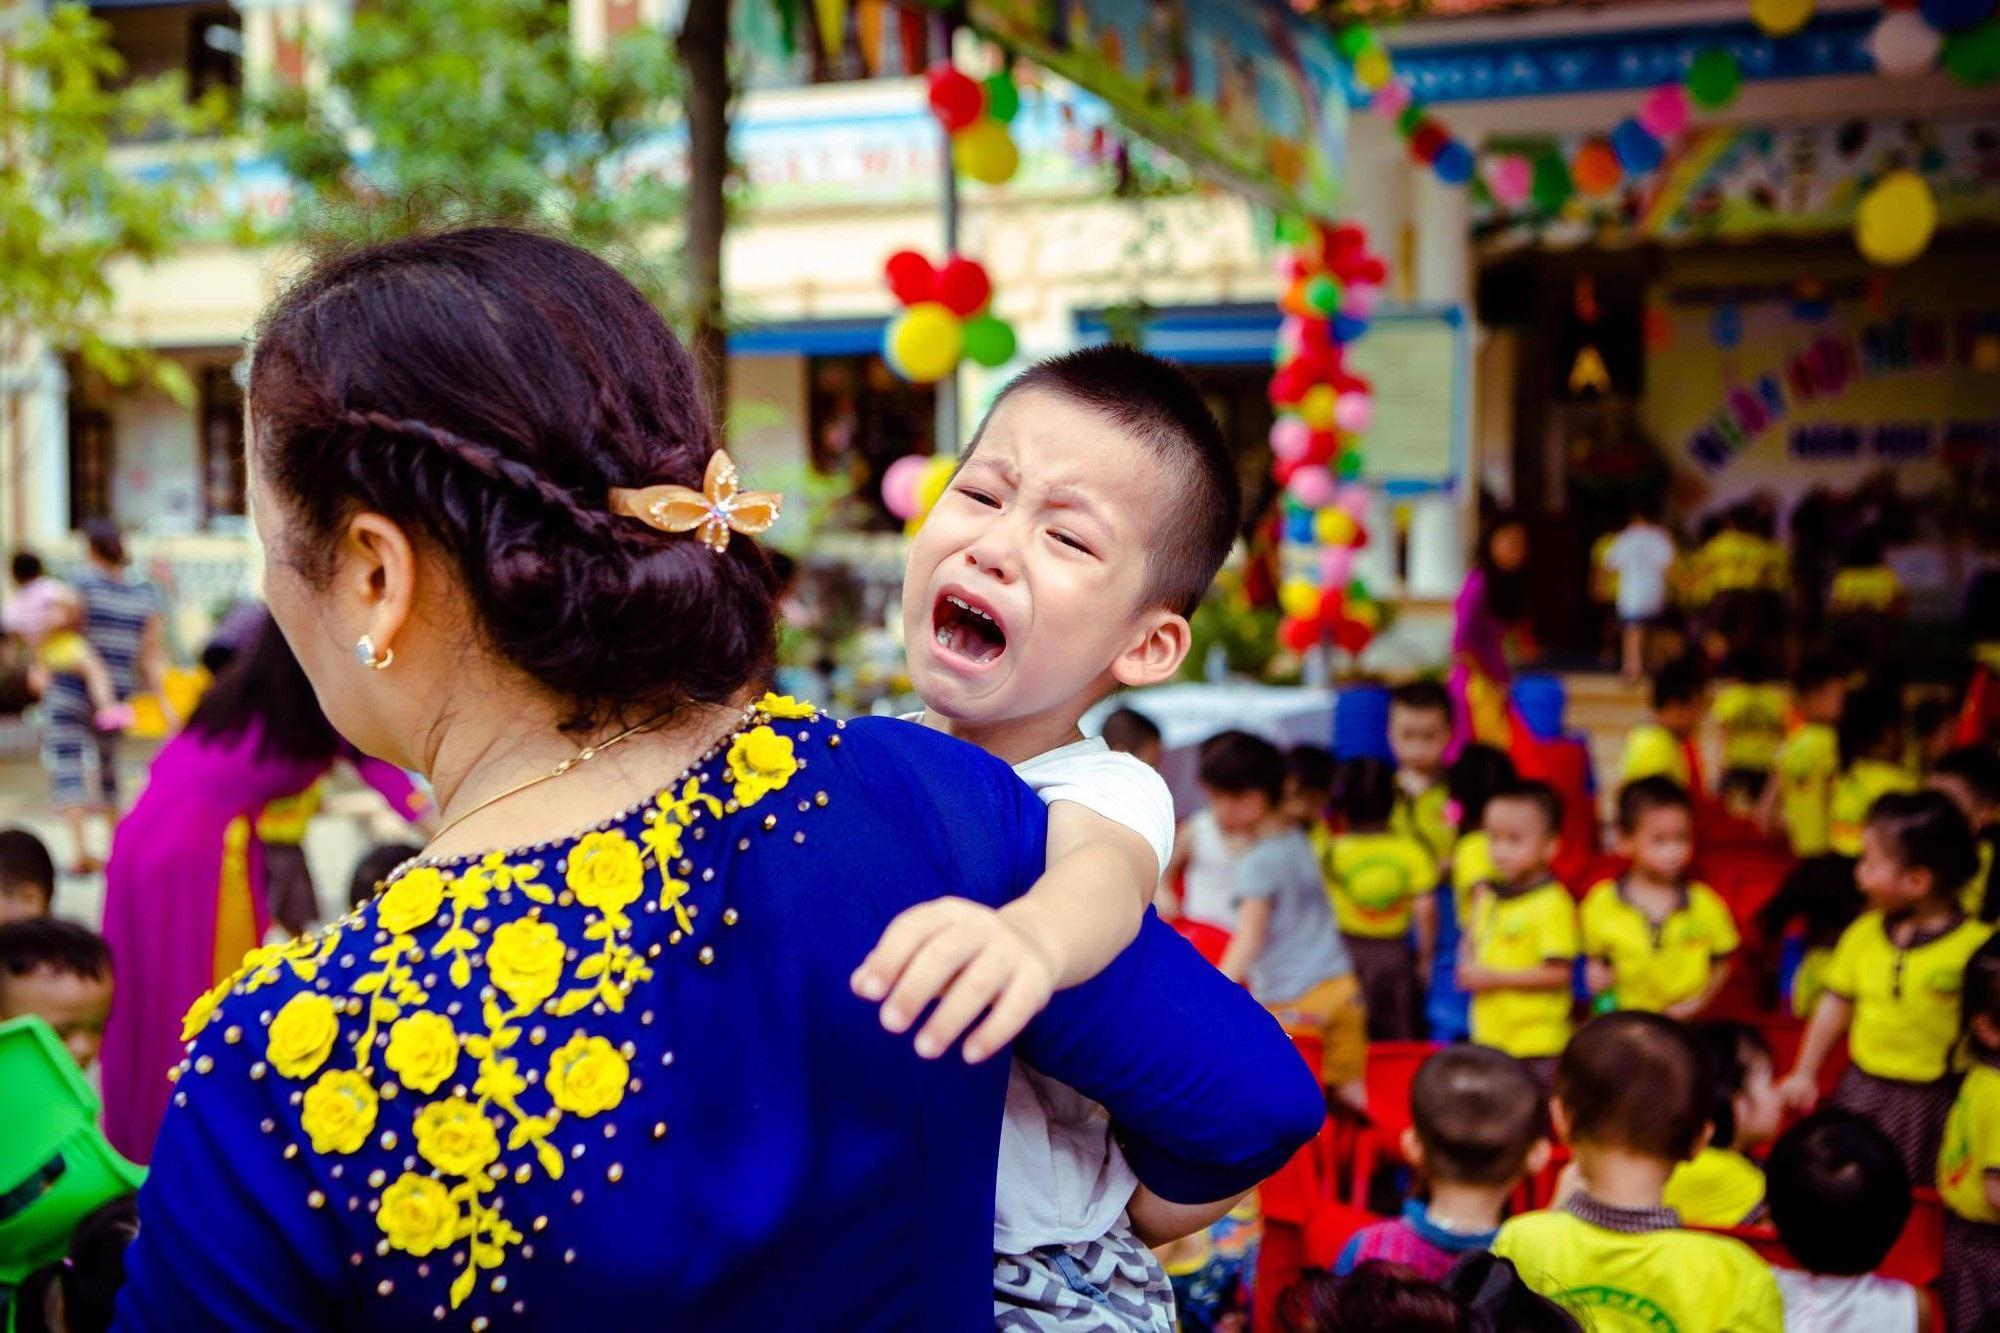 Chùm ảnh: Giọt nước mắt bỡ ngỡ và những biểu cảm khó đỡ của các em nhỏ trong ngày khai giảng - Ảnh 10